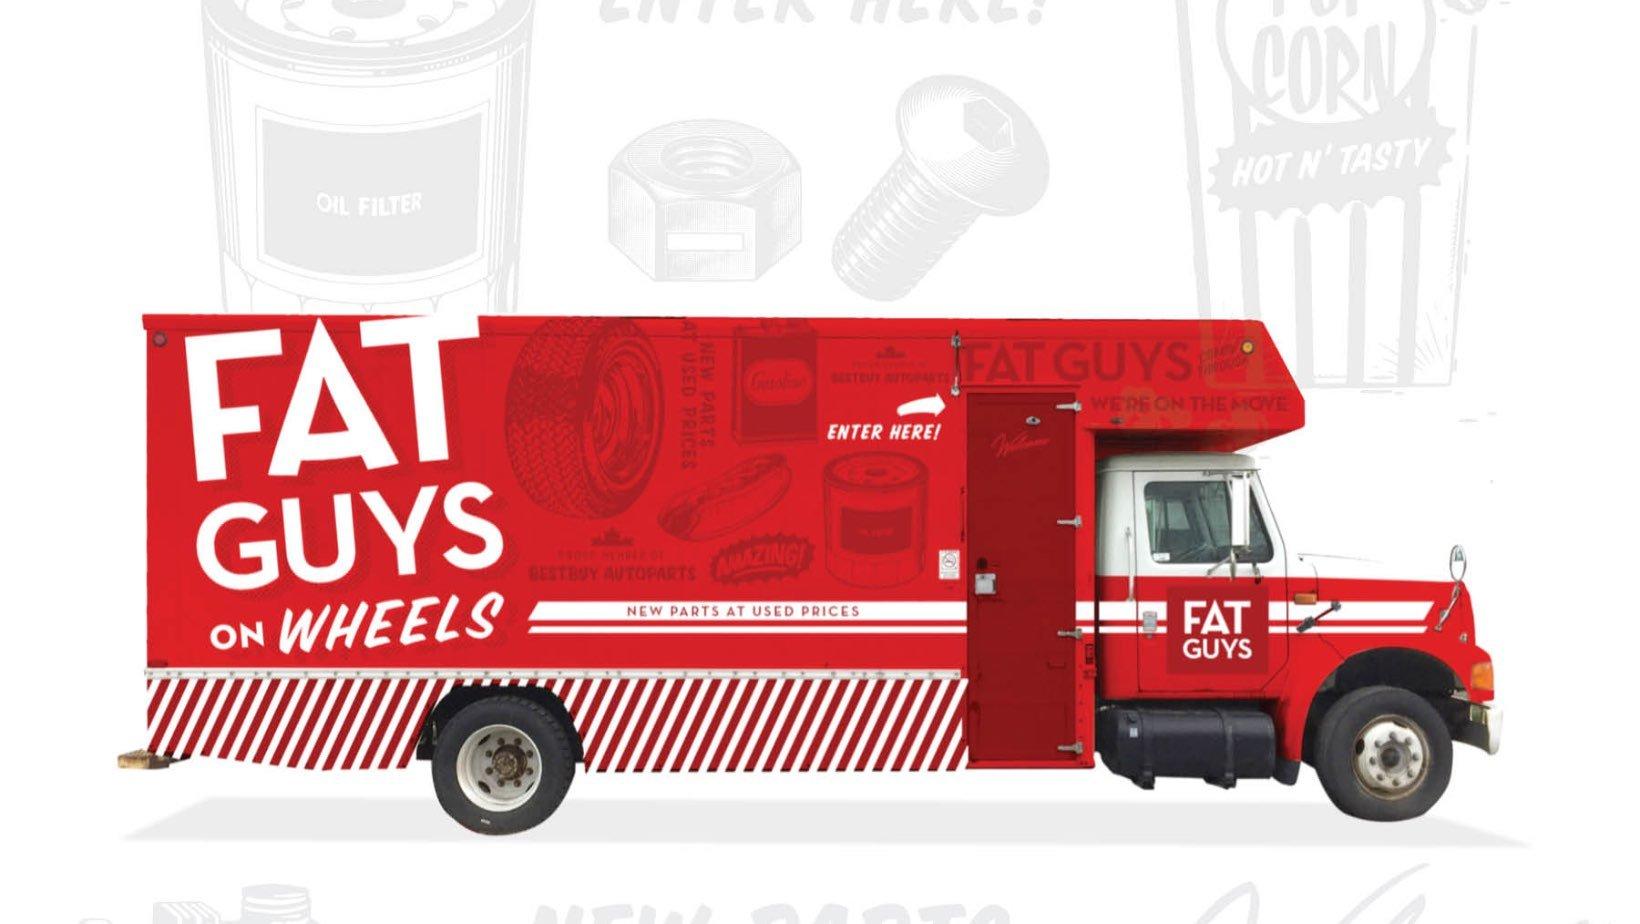 Fat Guys Truck Design